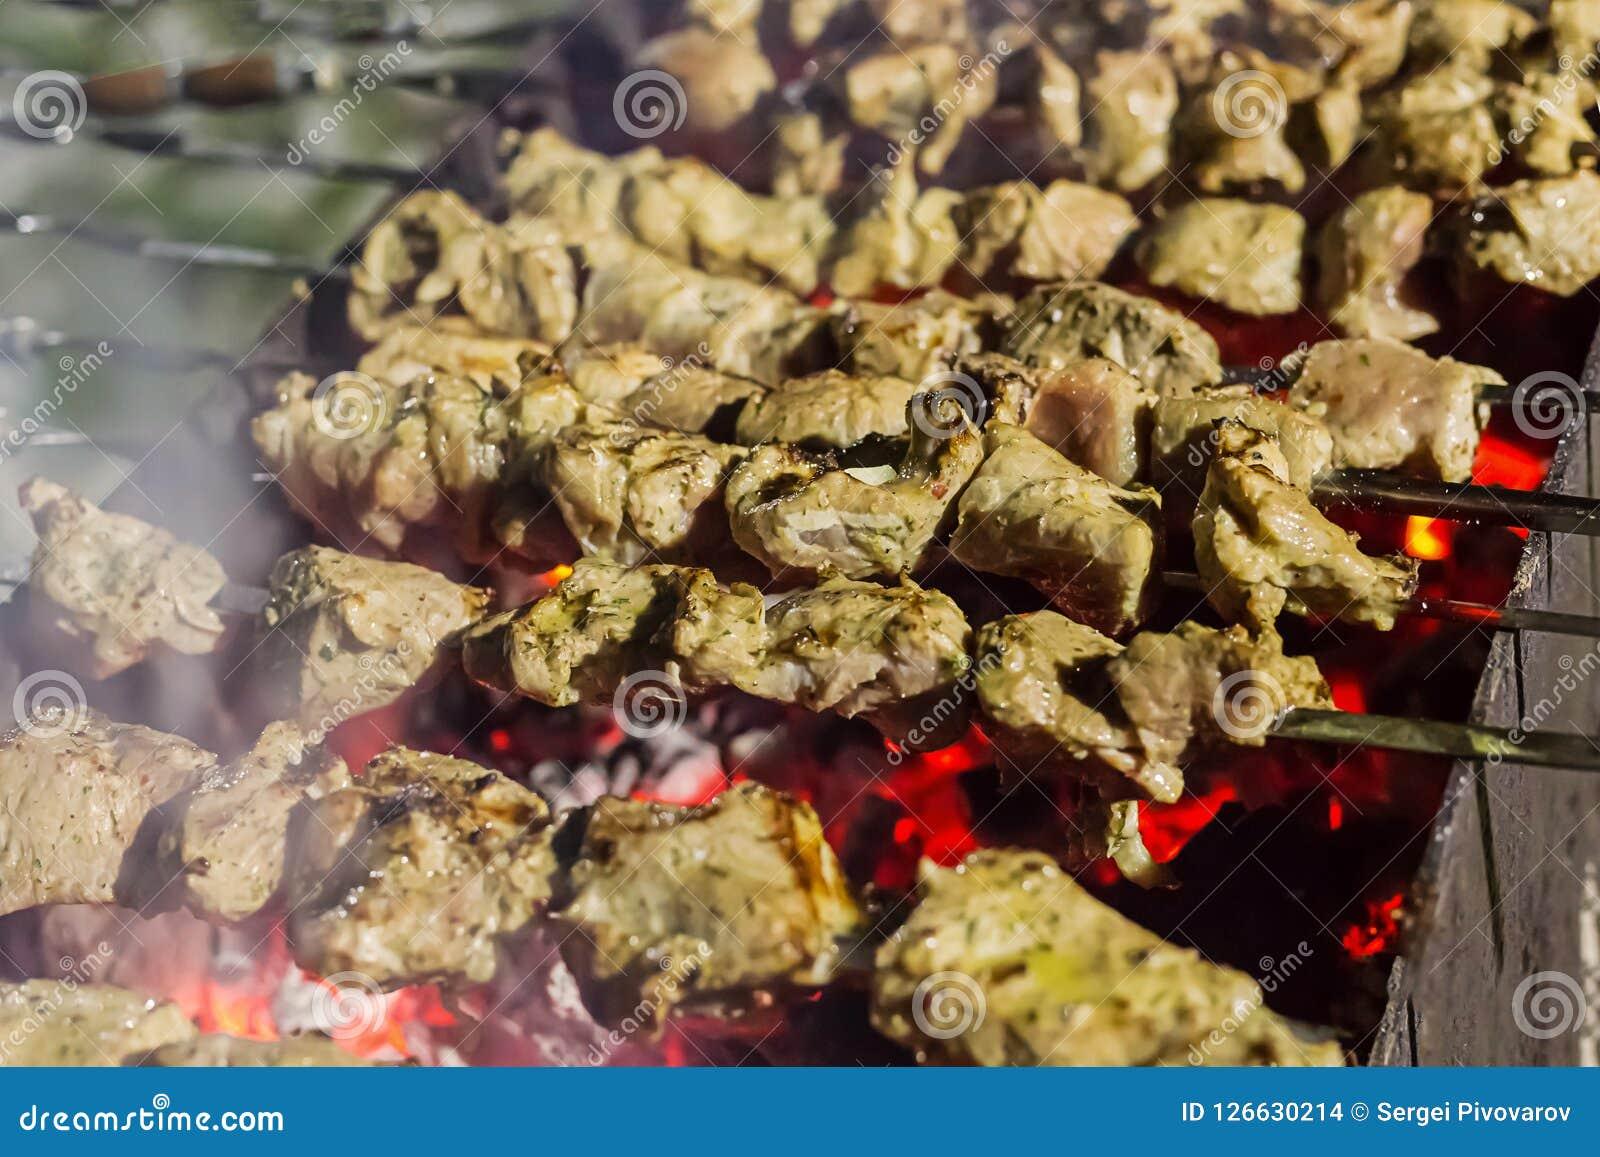 Aptitretande stycken av marinerat kött med kryddor stekt kebab över glödhet kolrad av griskötthöna på metallsteknålar